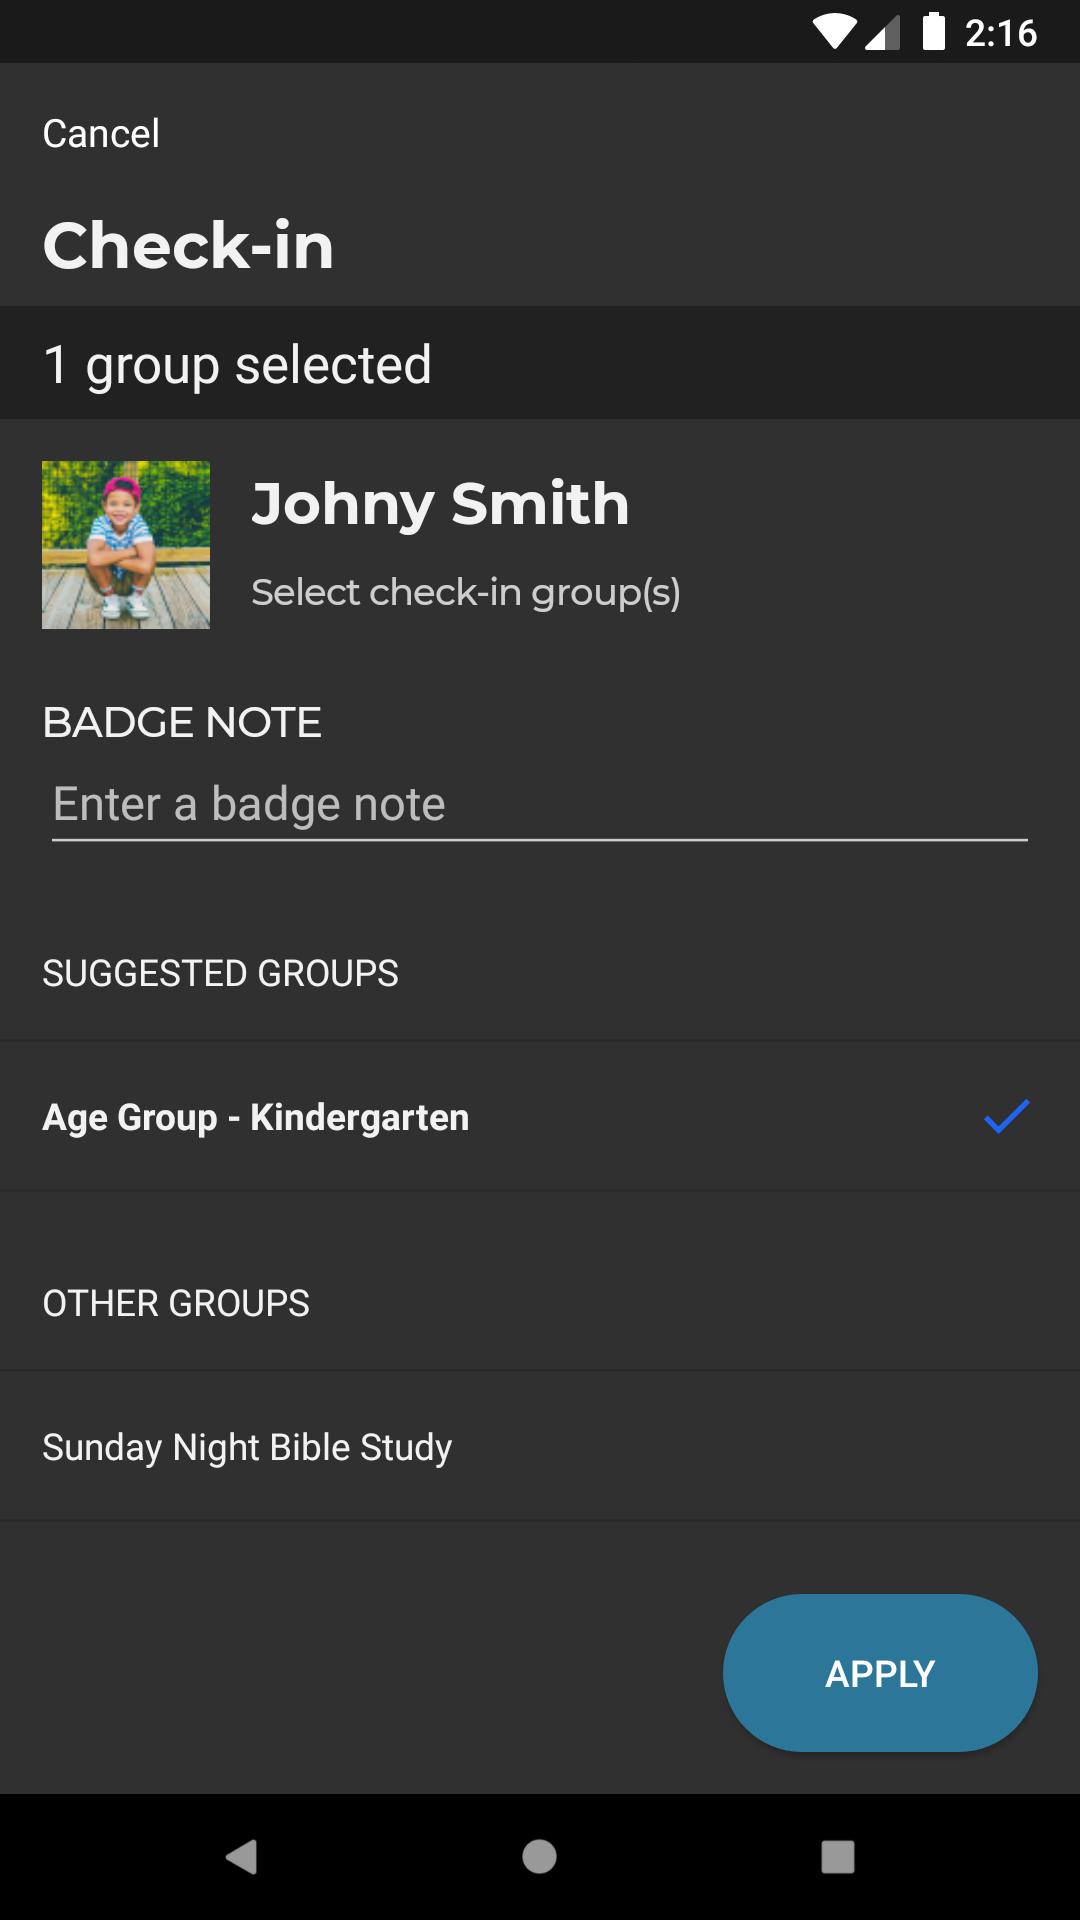 check-in family member